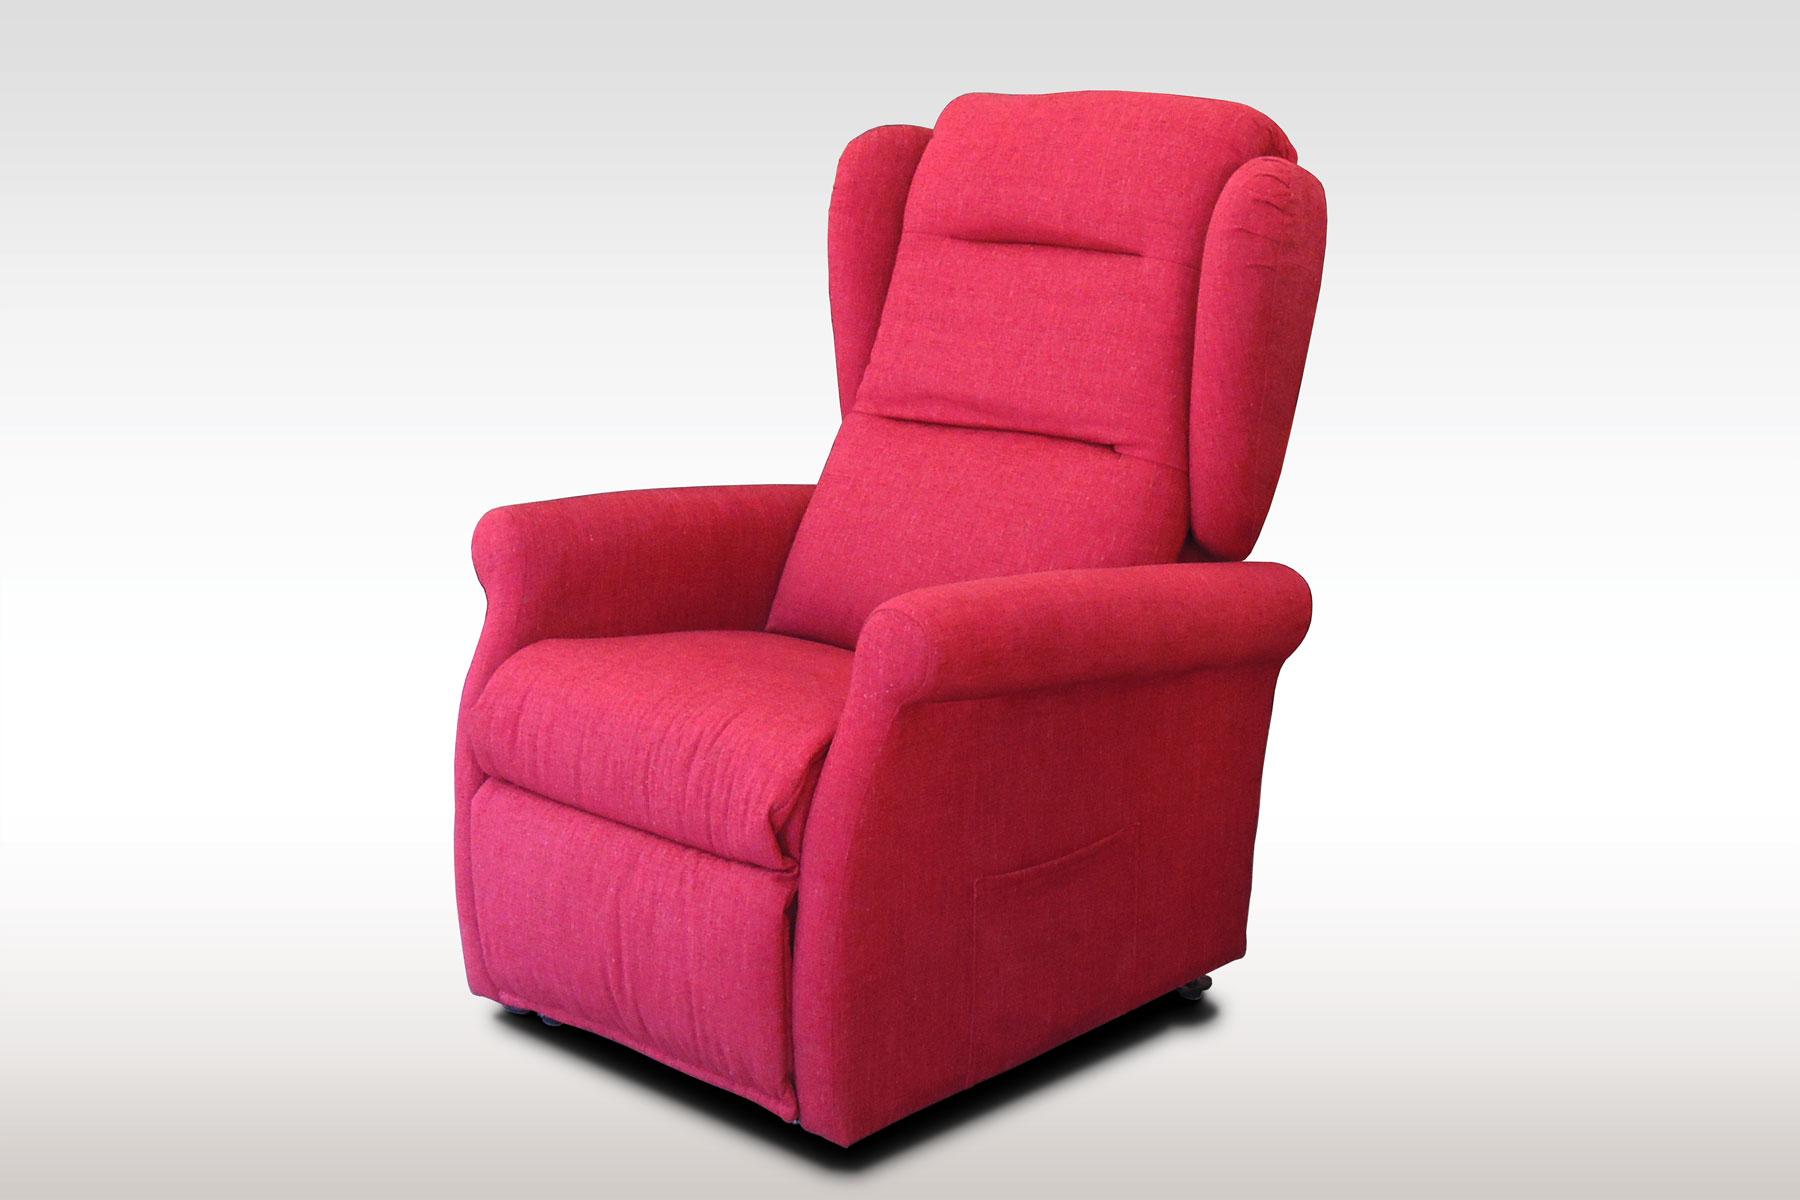 Poltrone Relax Benessere.Poltrona Relax 3 Motori Per Anziani E Benessere Totale